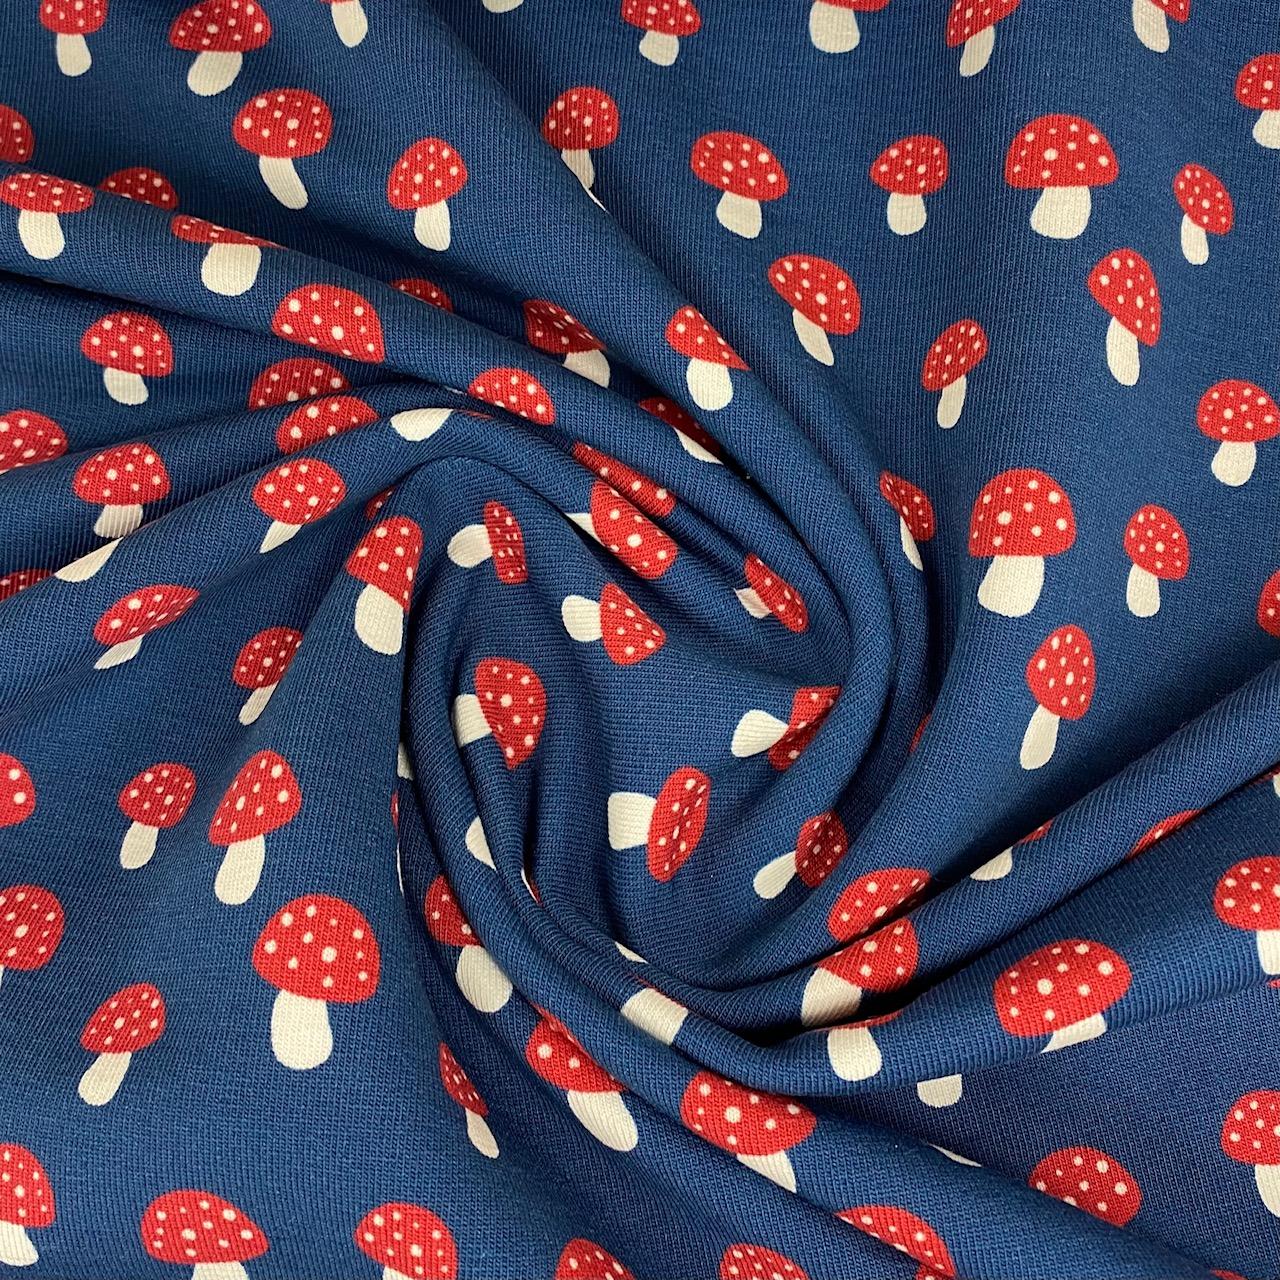 Sommersweat French Terry, FVJ Pilze.  Art. FVJ-2997